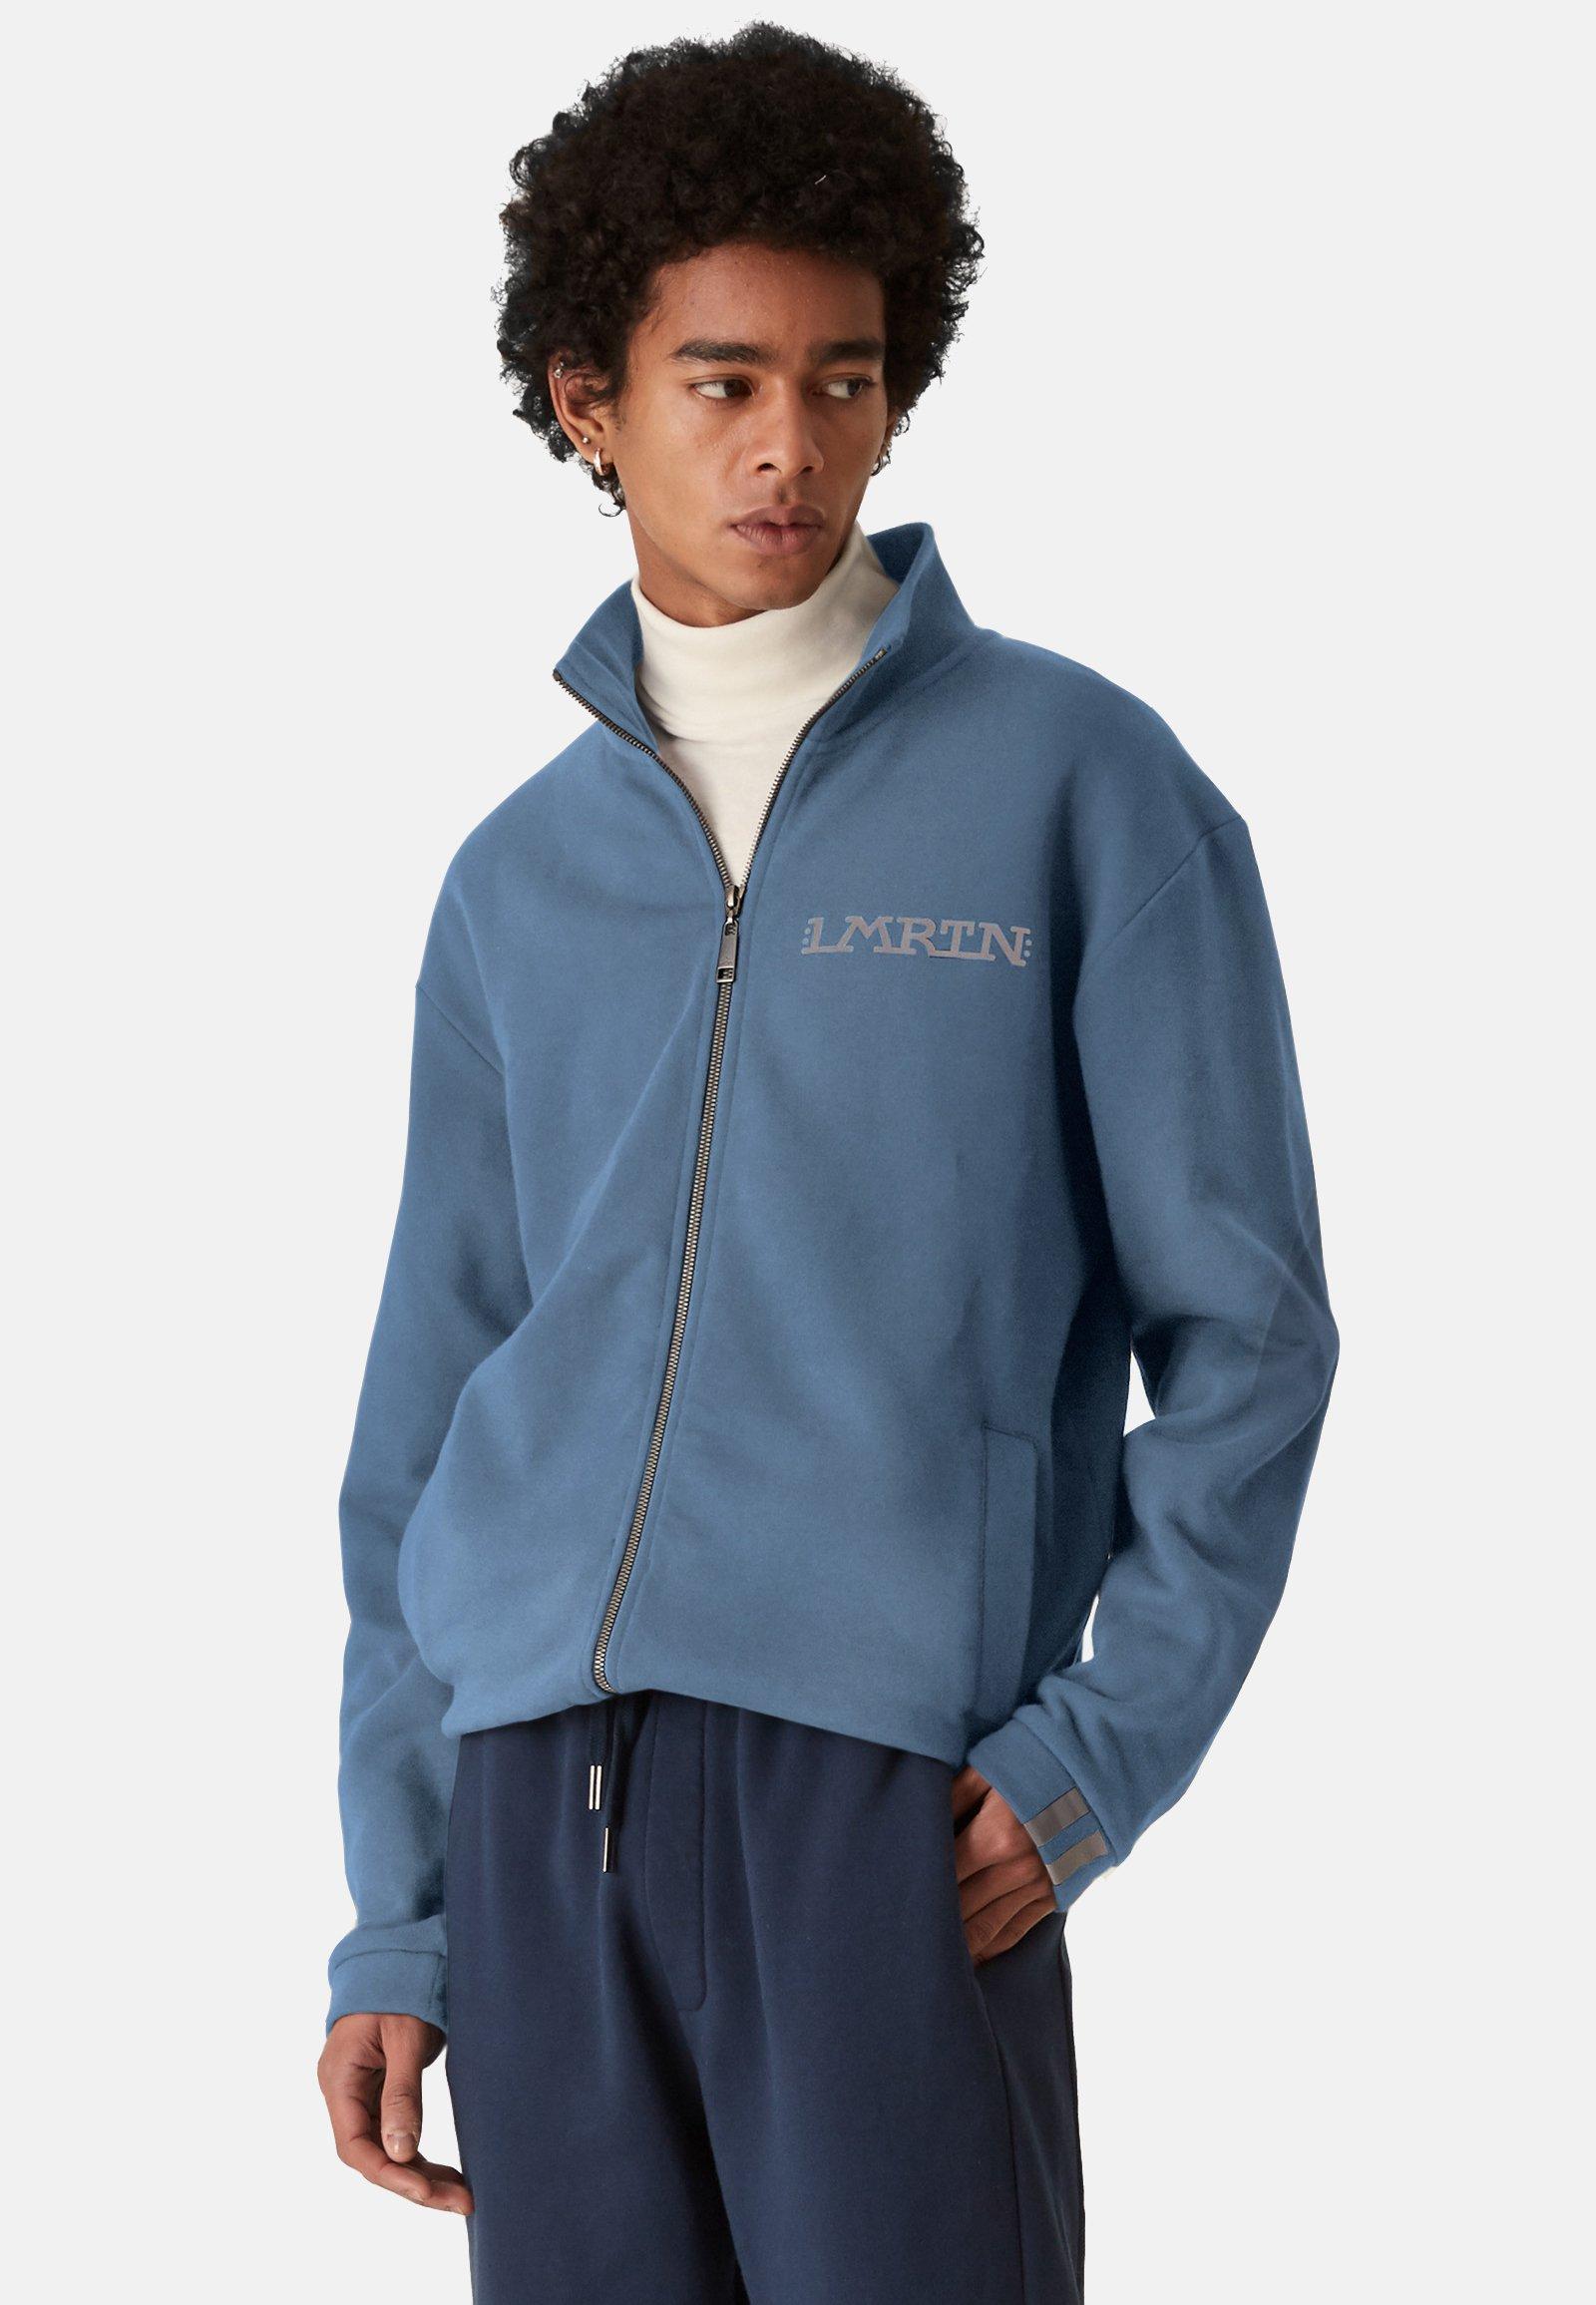 Homme SIRIO - Sweat à capuche zippé